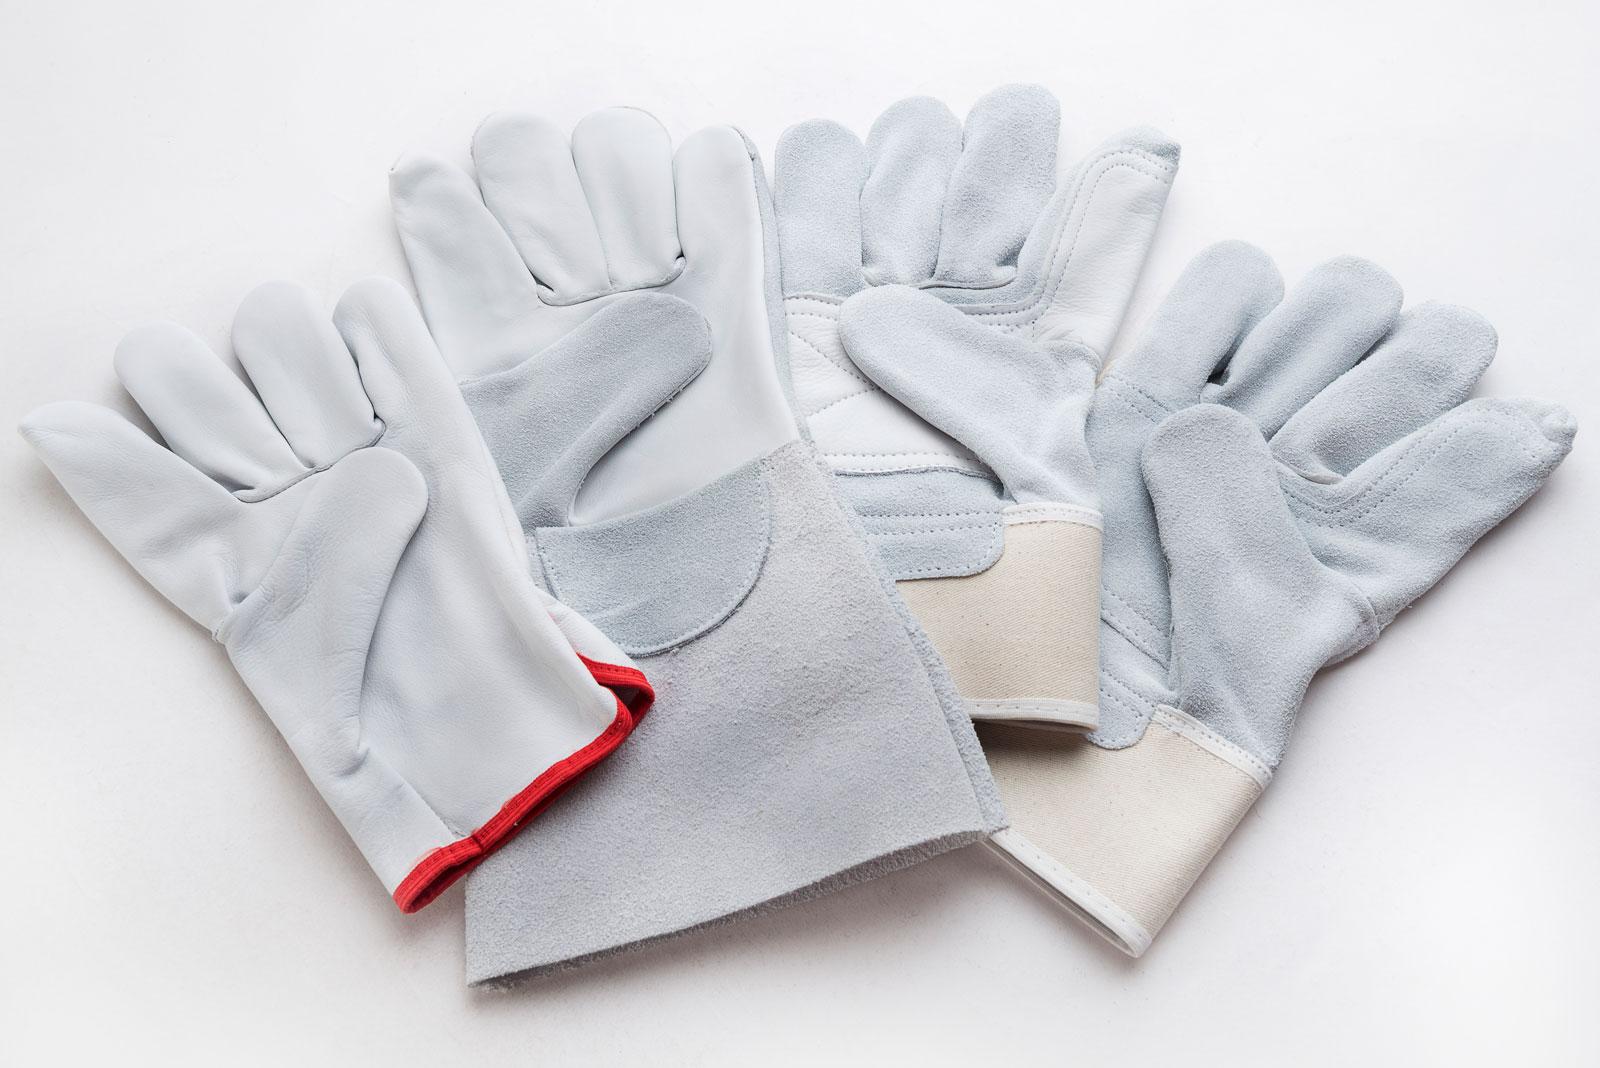 safetyGloves2.jpg